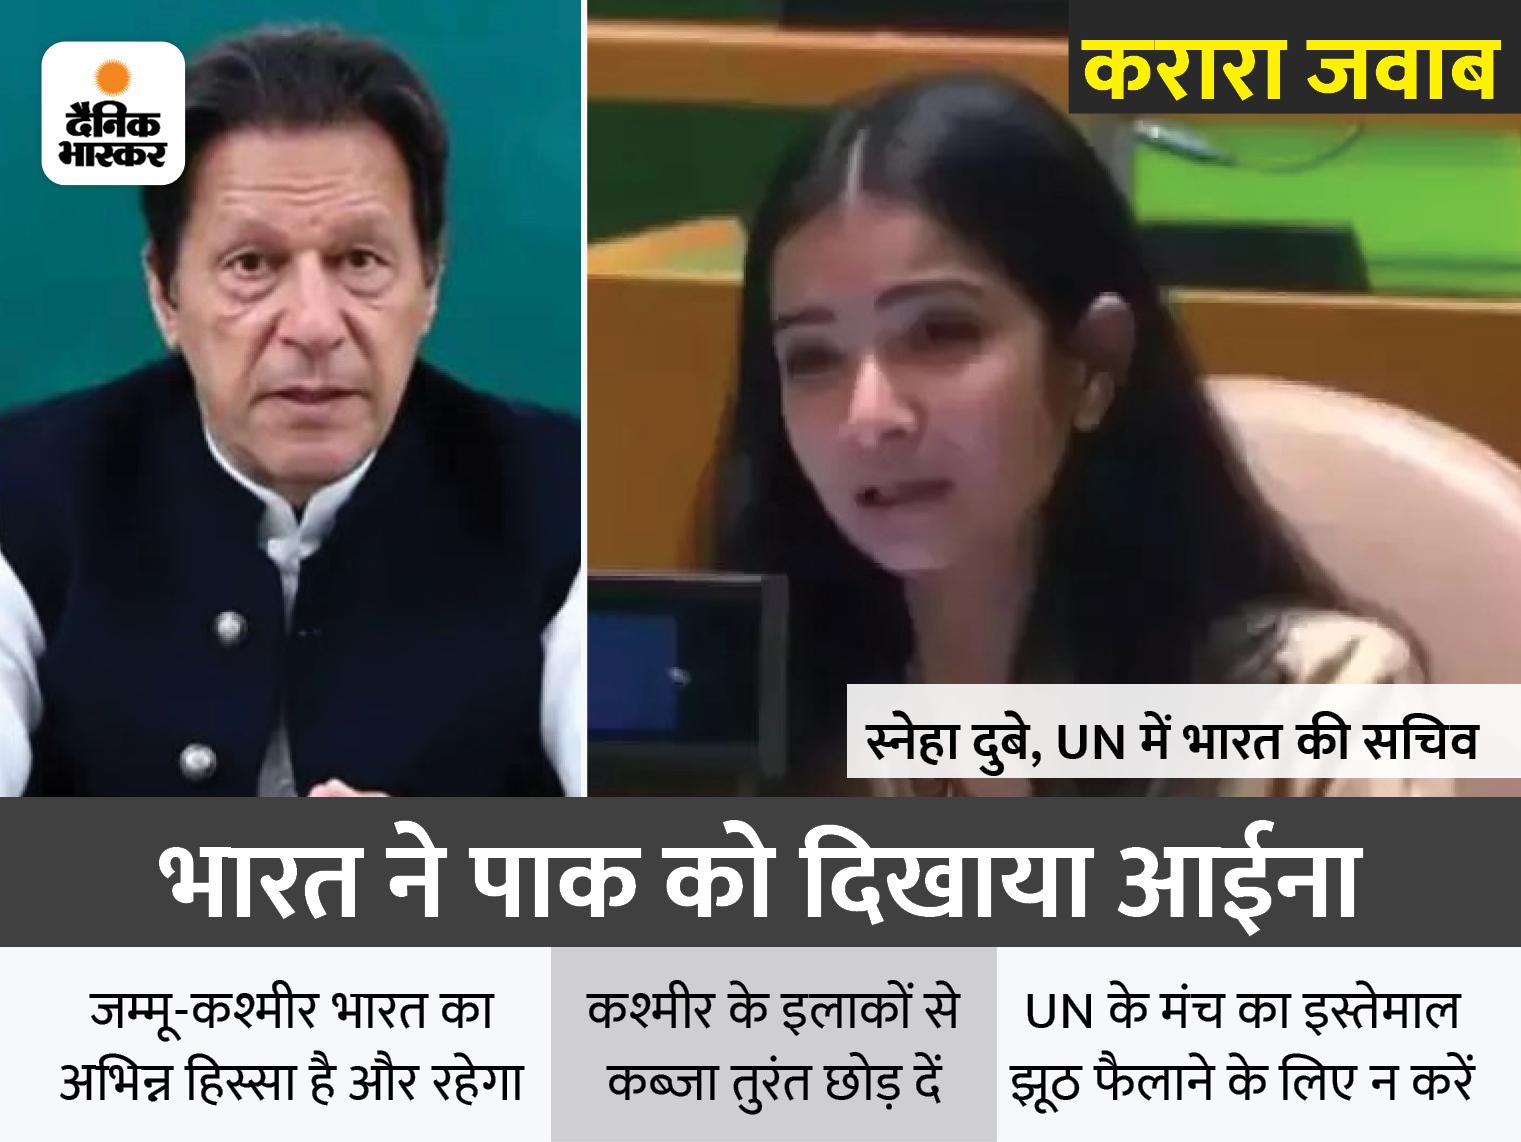 कश्मीर राग पर पाक PM को जवाब- आतंकियों को पालते हो, लादेन को शहीद कहते हो; कश्मीर के सपने छोड़ दो|विदेश,International - Dainik Bhaskar